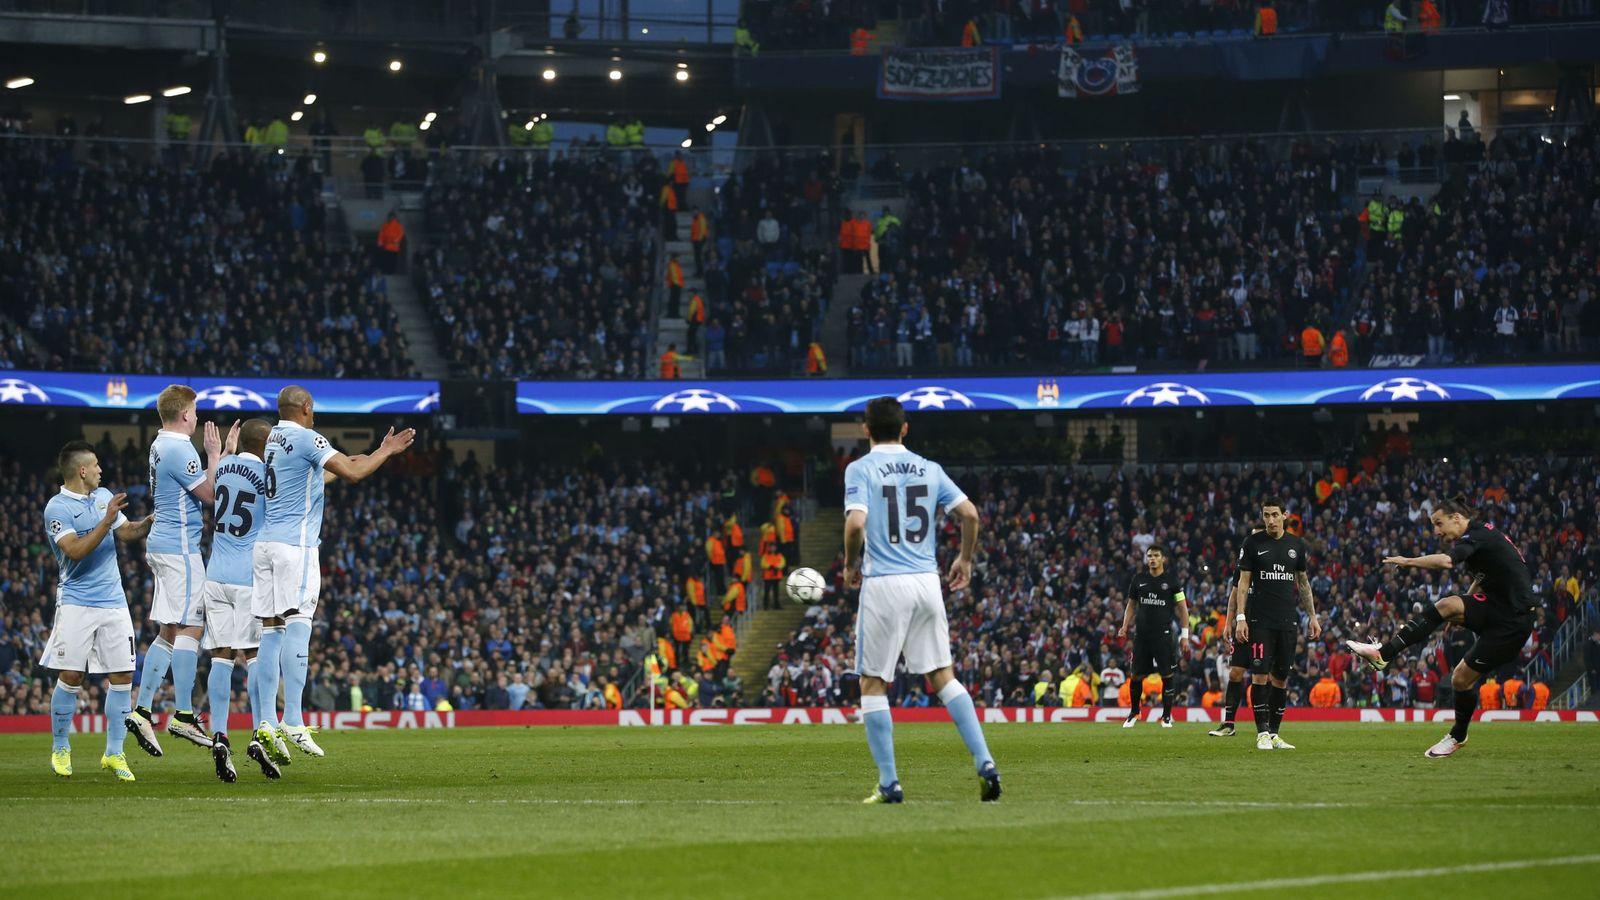 Foto: Los jugadores del City, en una falta en el Etihad.